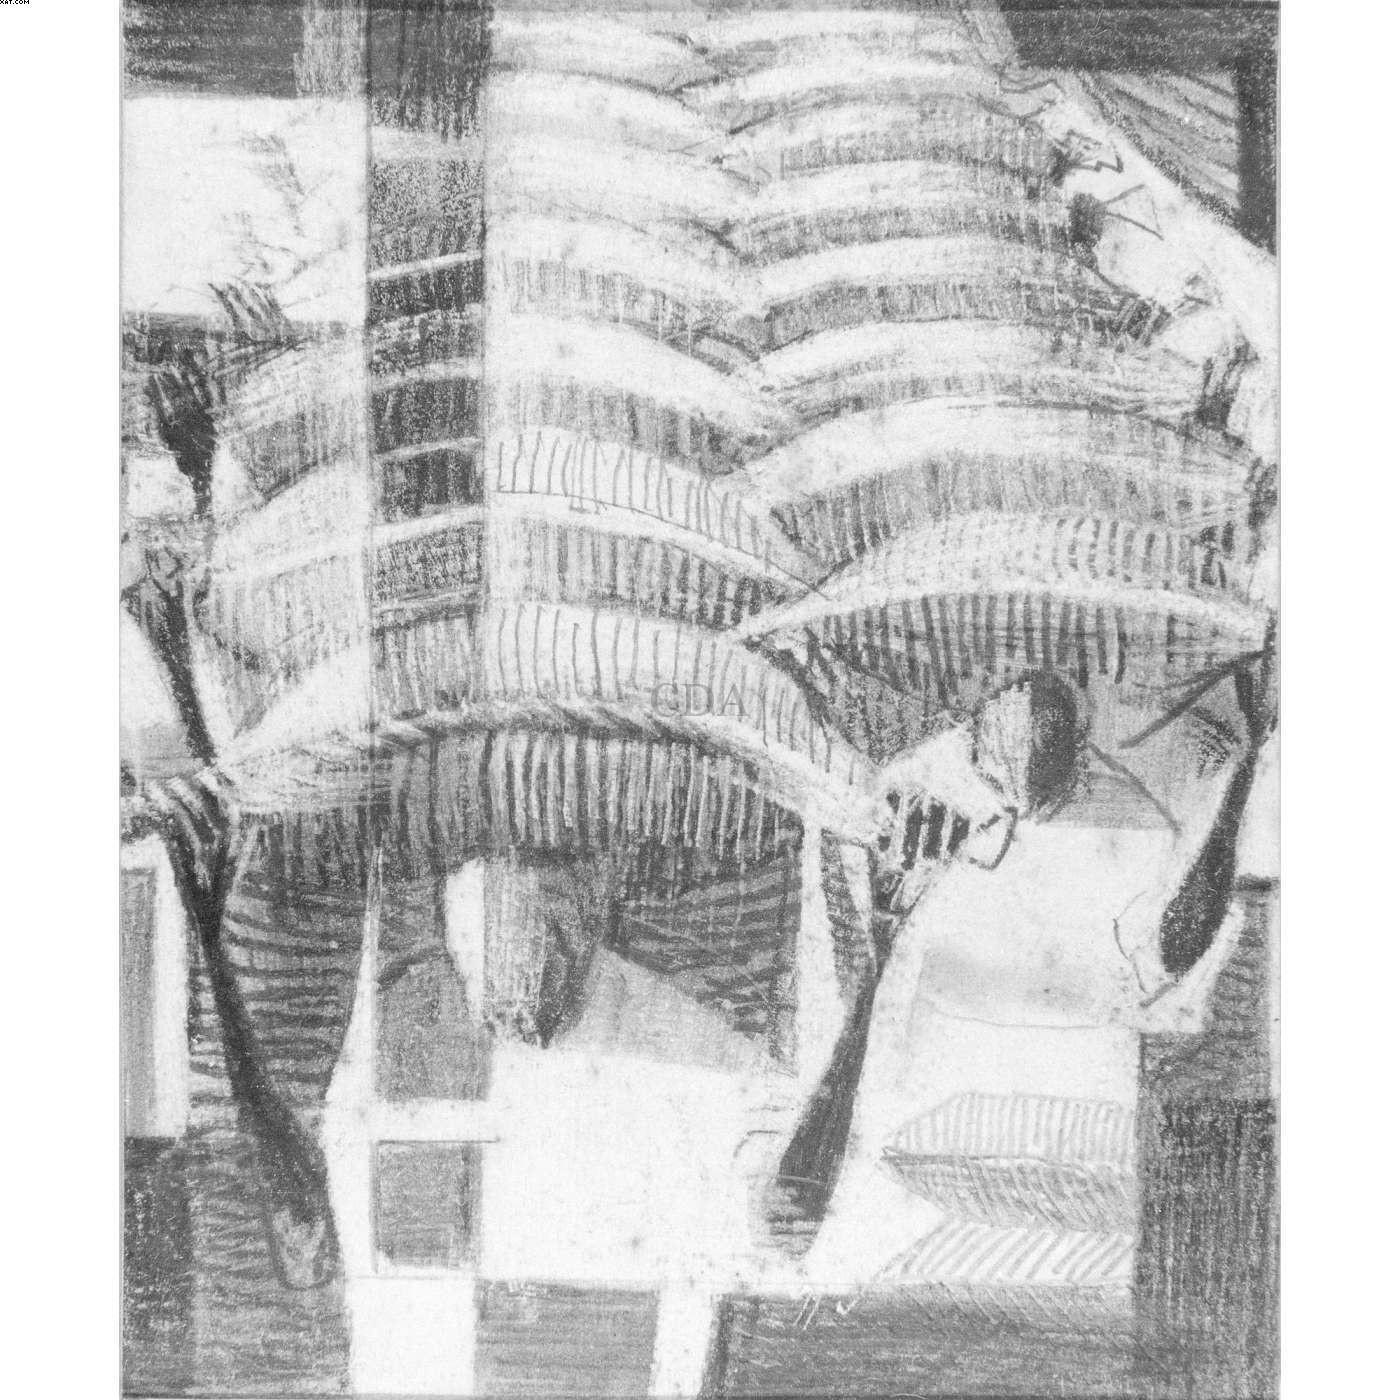 Tranporte de café  - Candido Portinari (1903-1962)